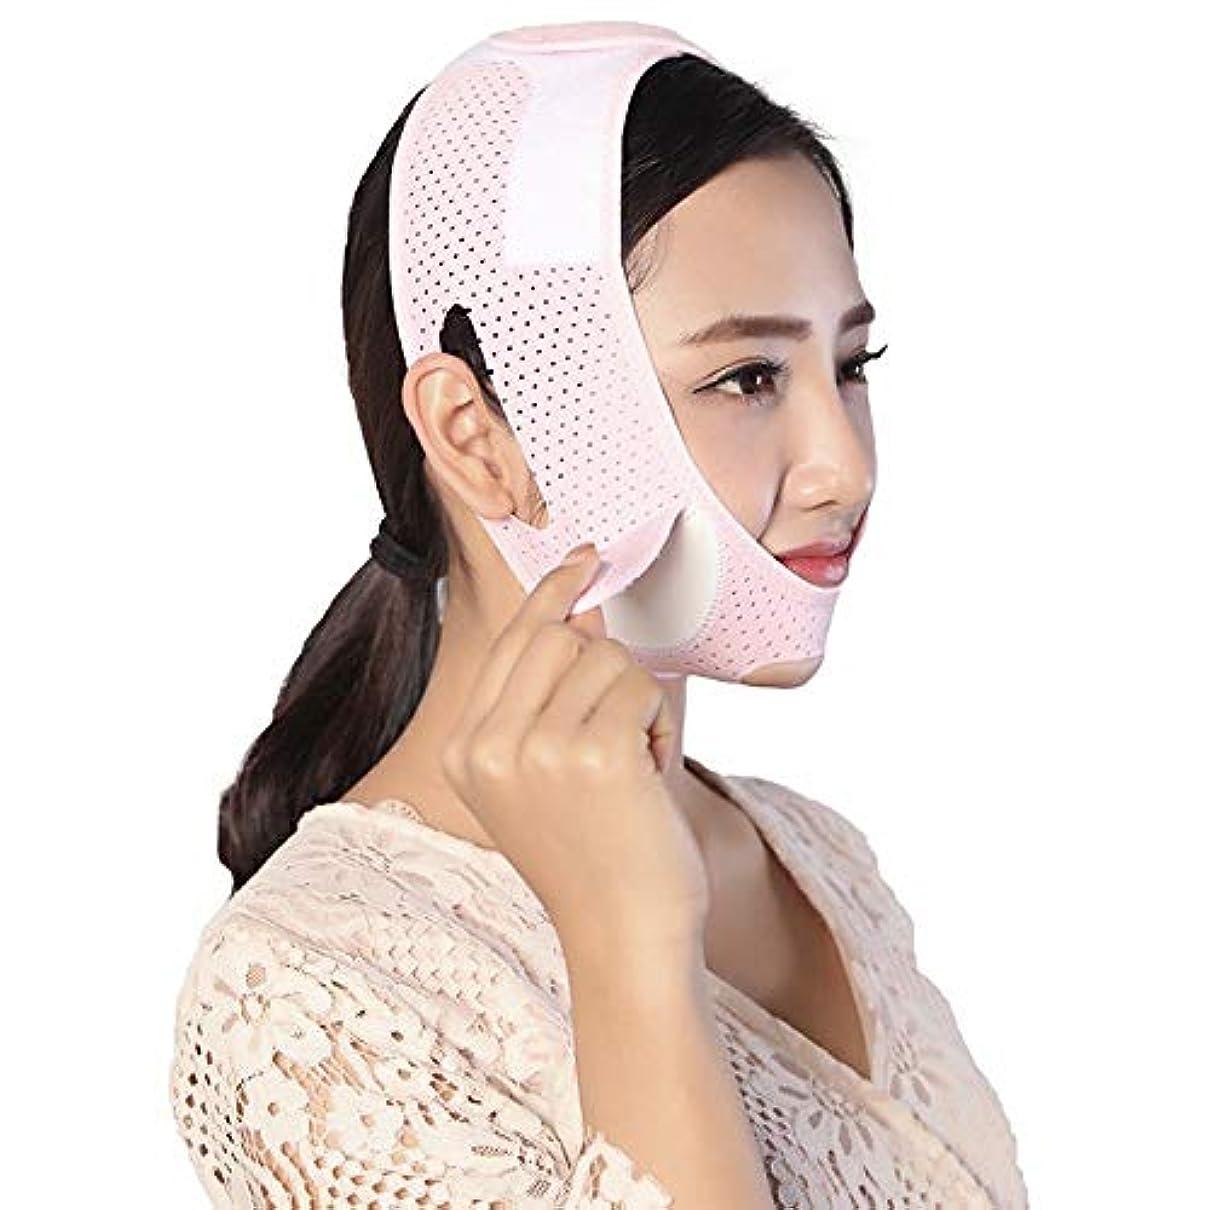 金銭的ファン不振Minmin フェイシャルリフティング痩身ベルト - 圧縮二重あご減量ベルトスキンケア薄い顔包帯 みんみんVラインフェイスマスク